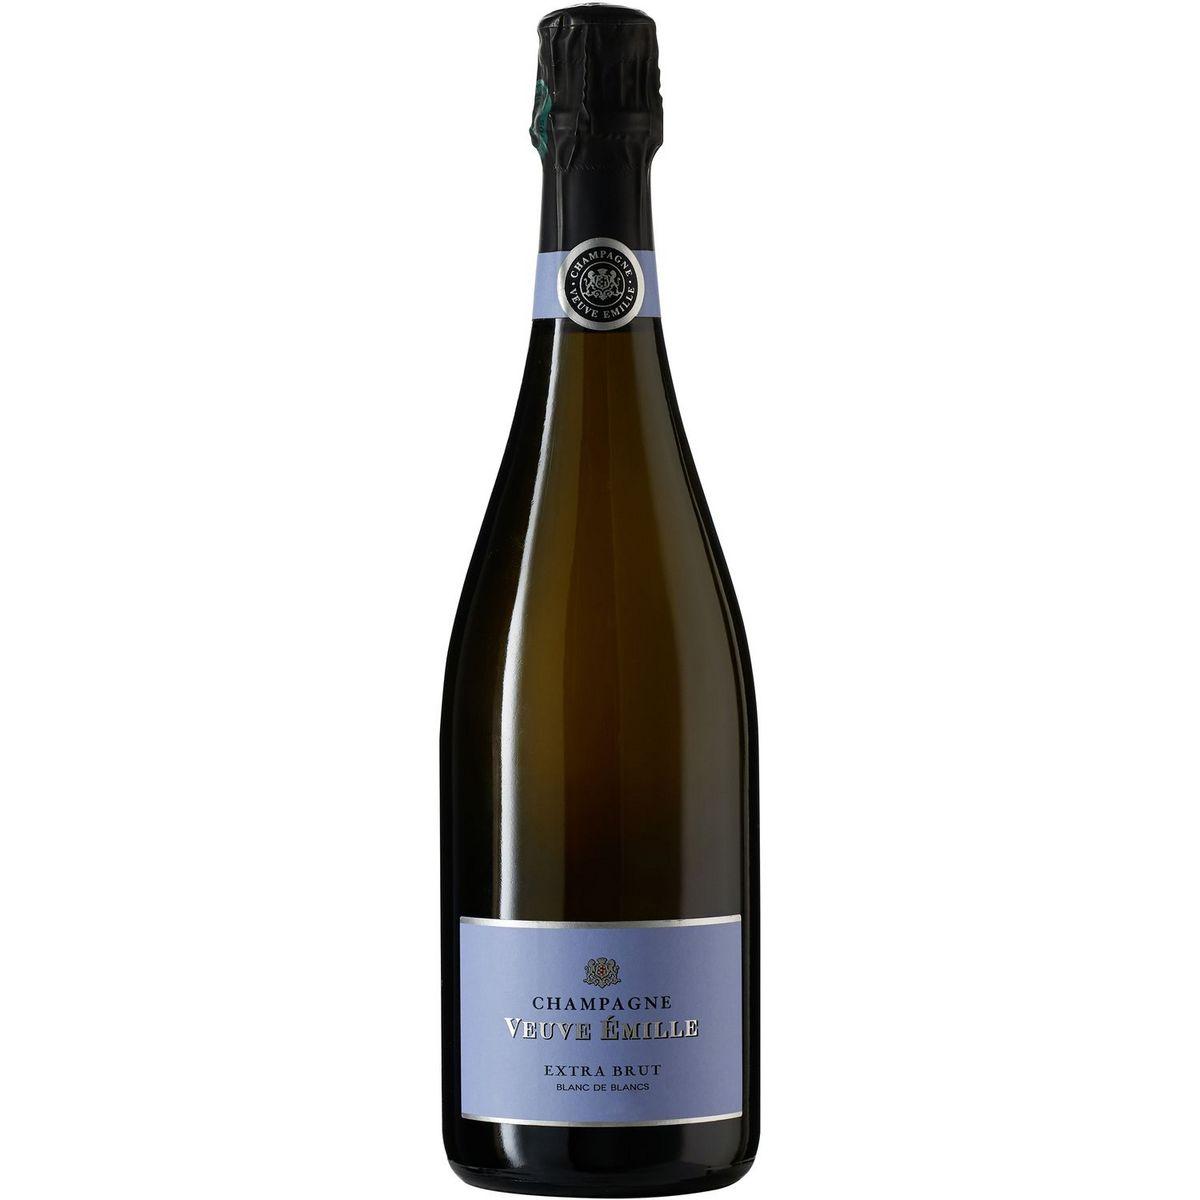 Veuve Emille Champagne cuvée extra brut